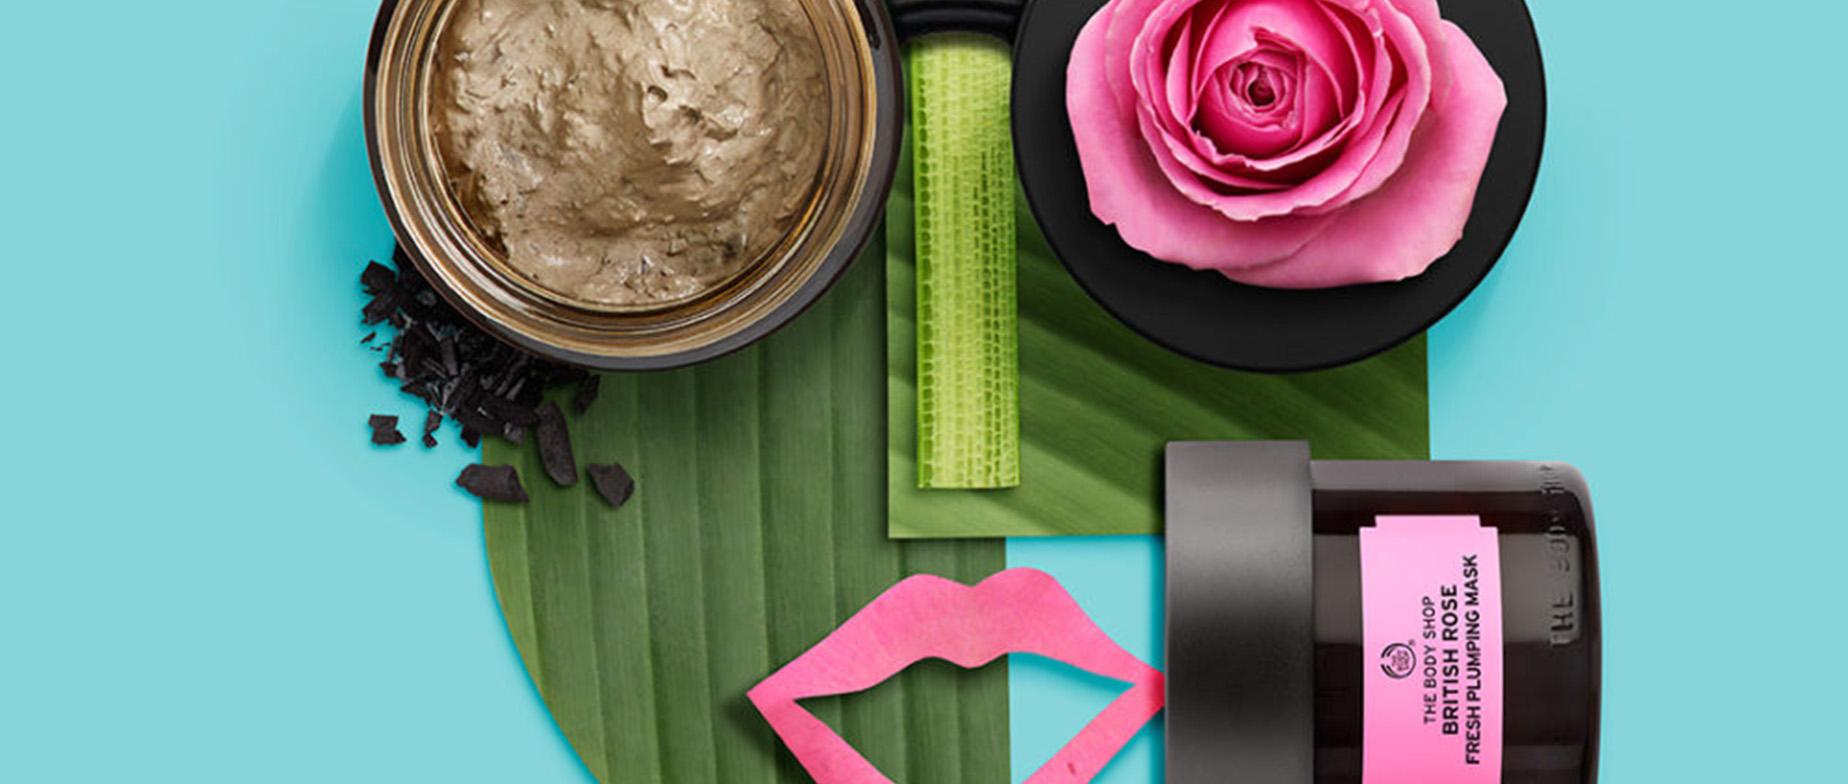 The Body Shop természetes kozmetikumok ajándékutalvány